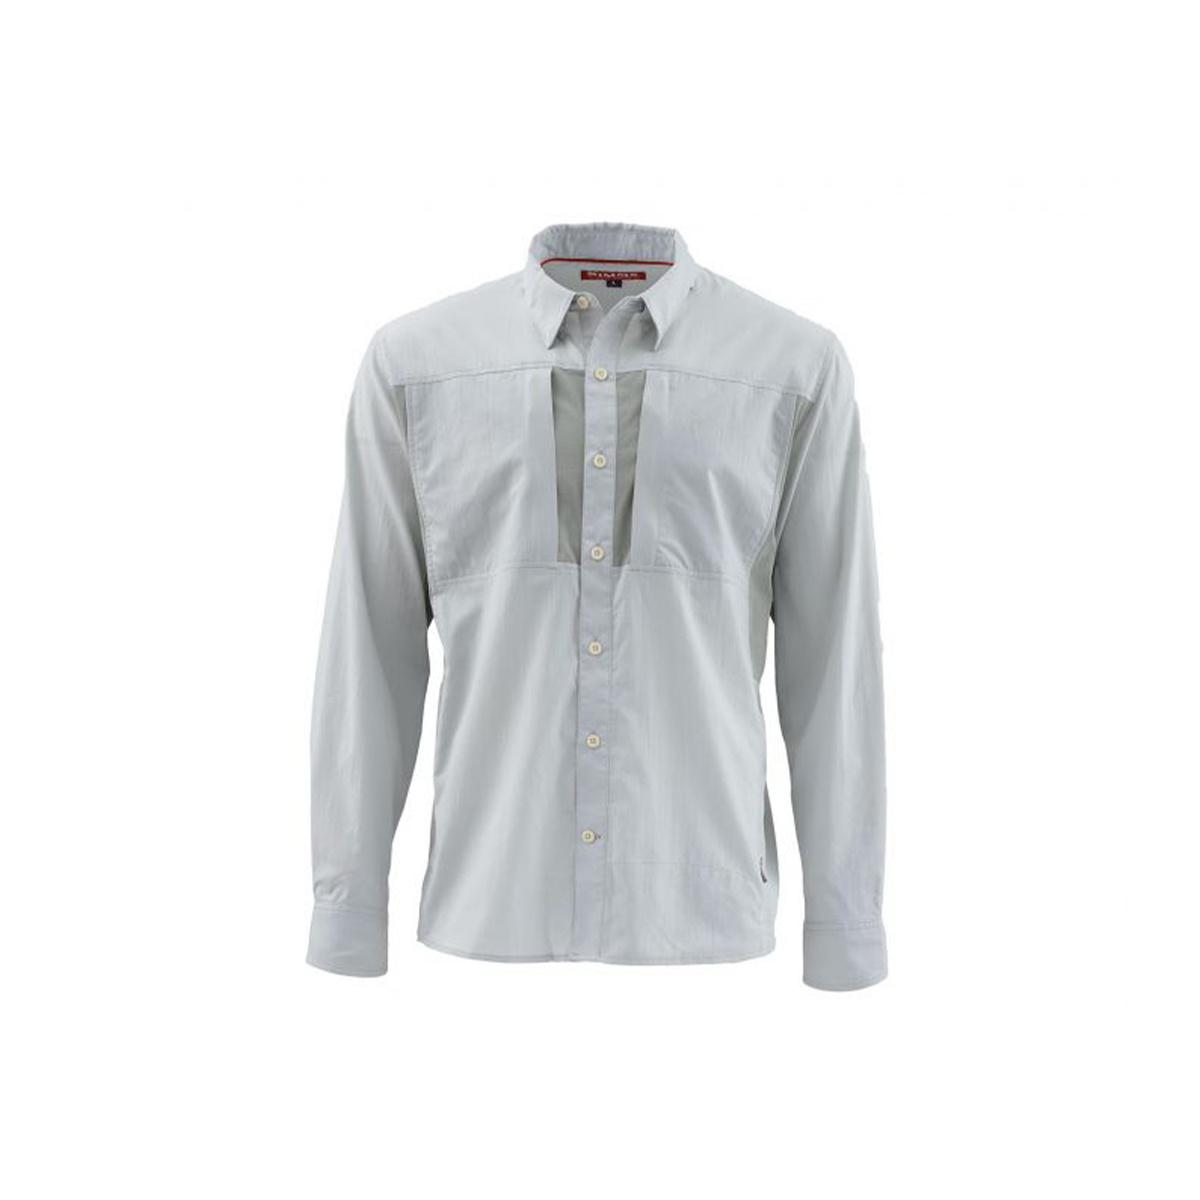 Simms Clothing Slack Tide Long Sleeve Shirt